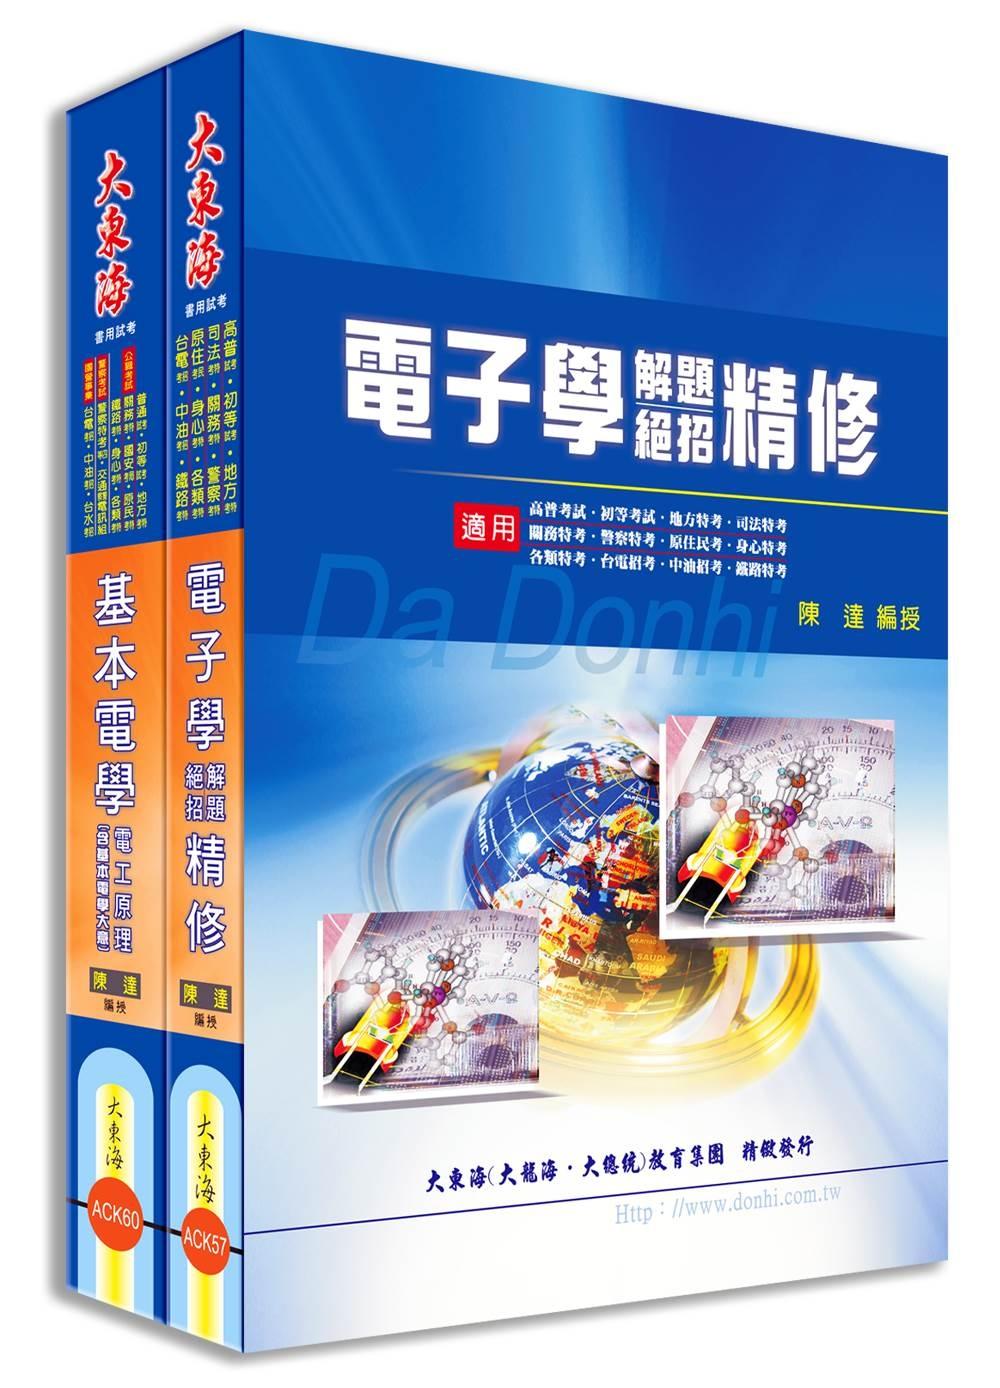 鐵路佐級(電子工程) 專業科目套書